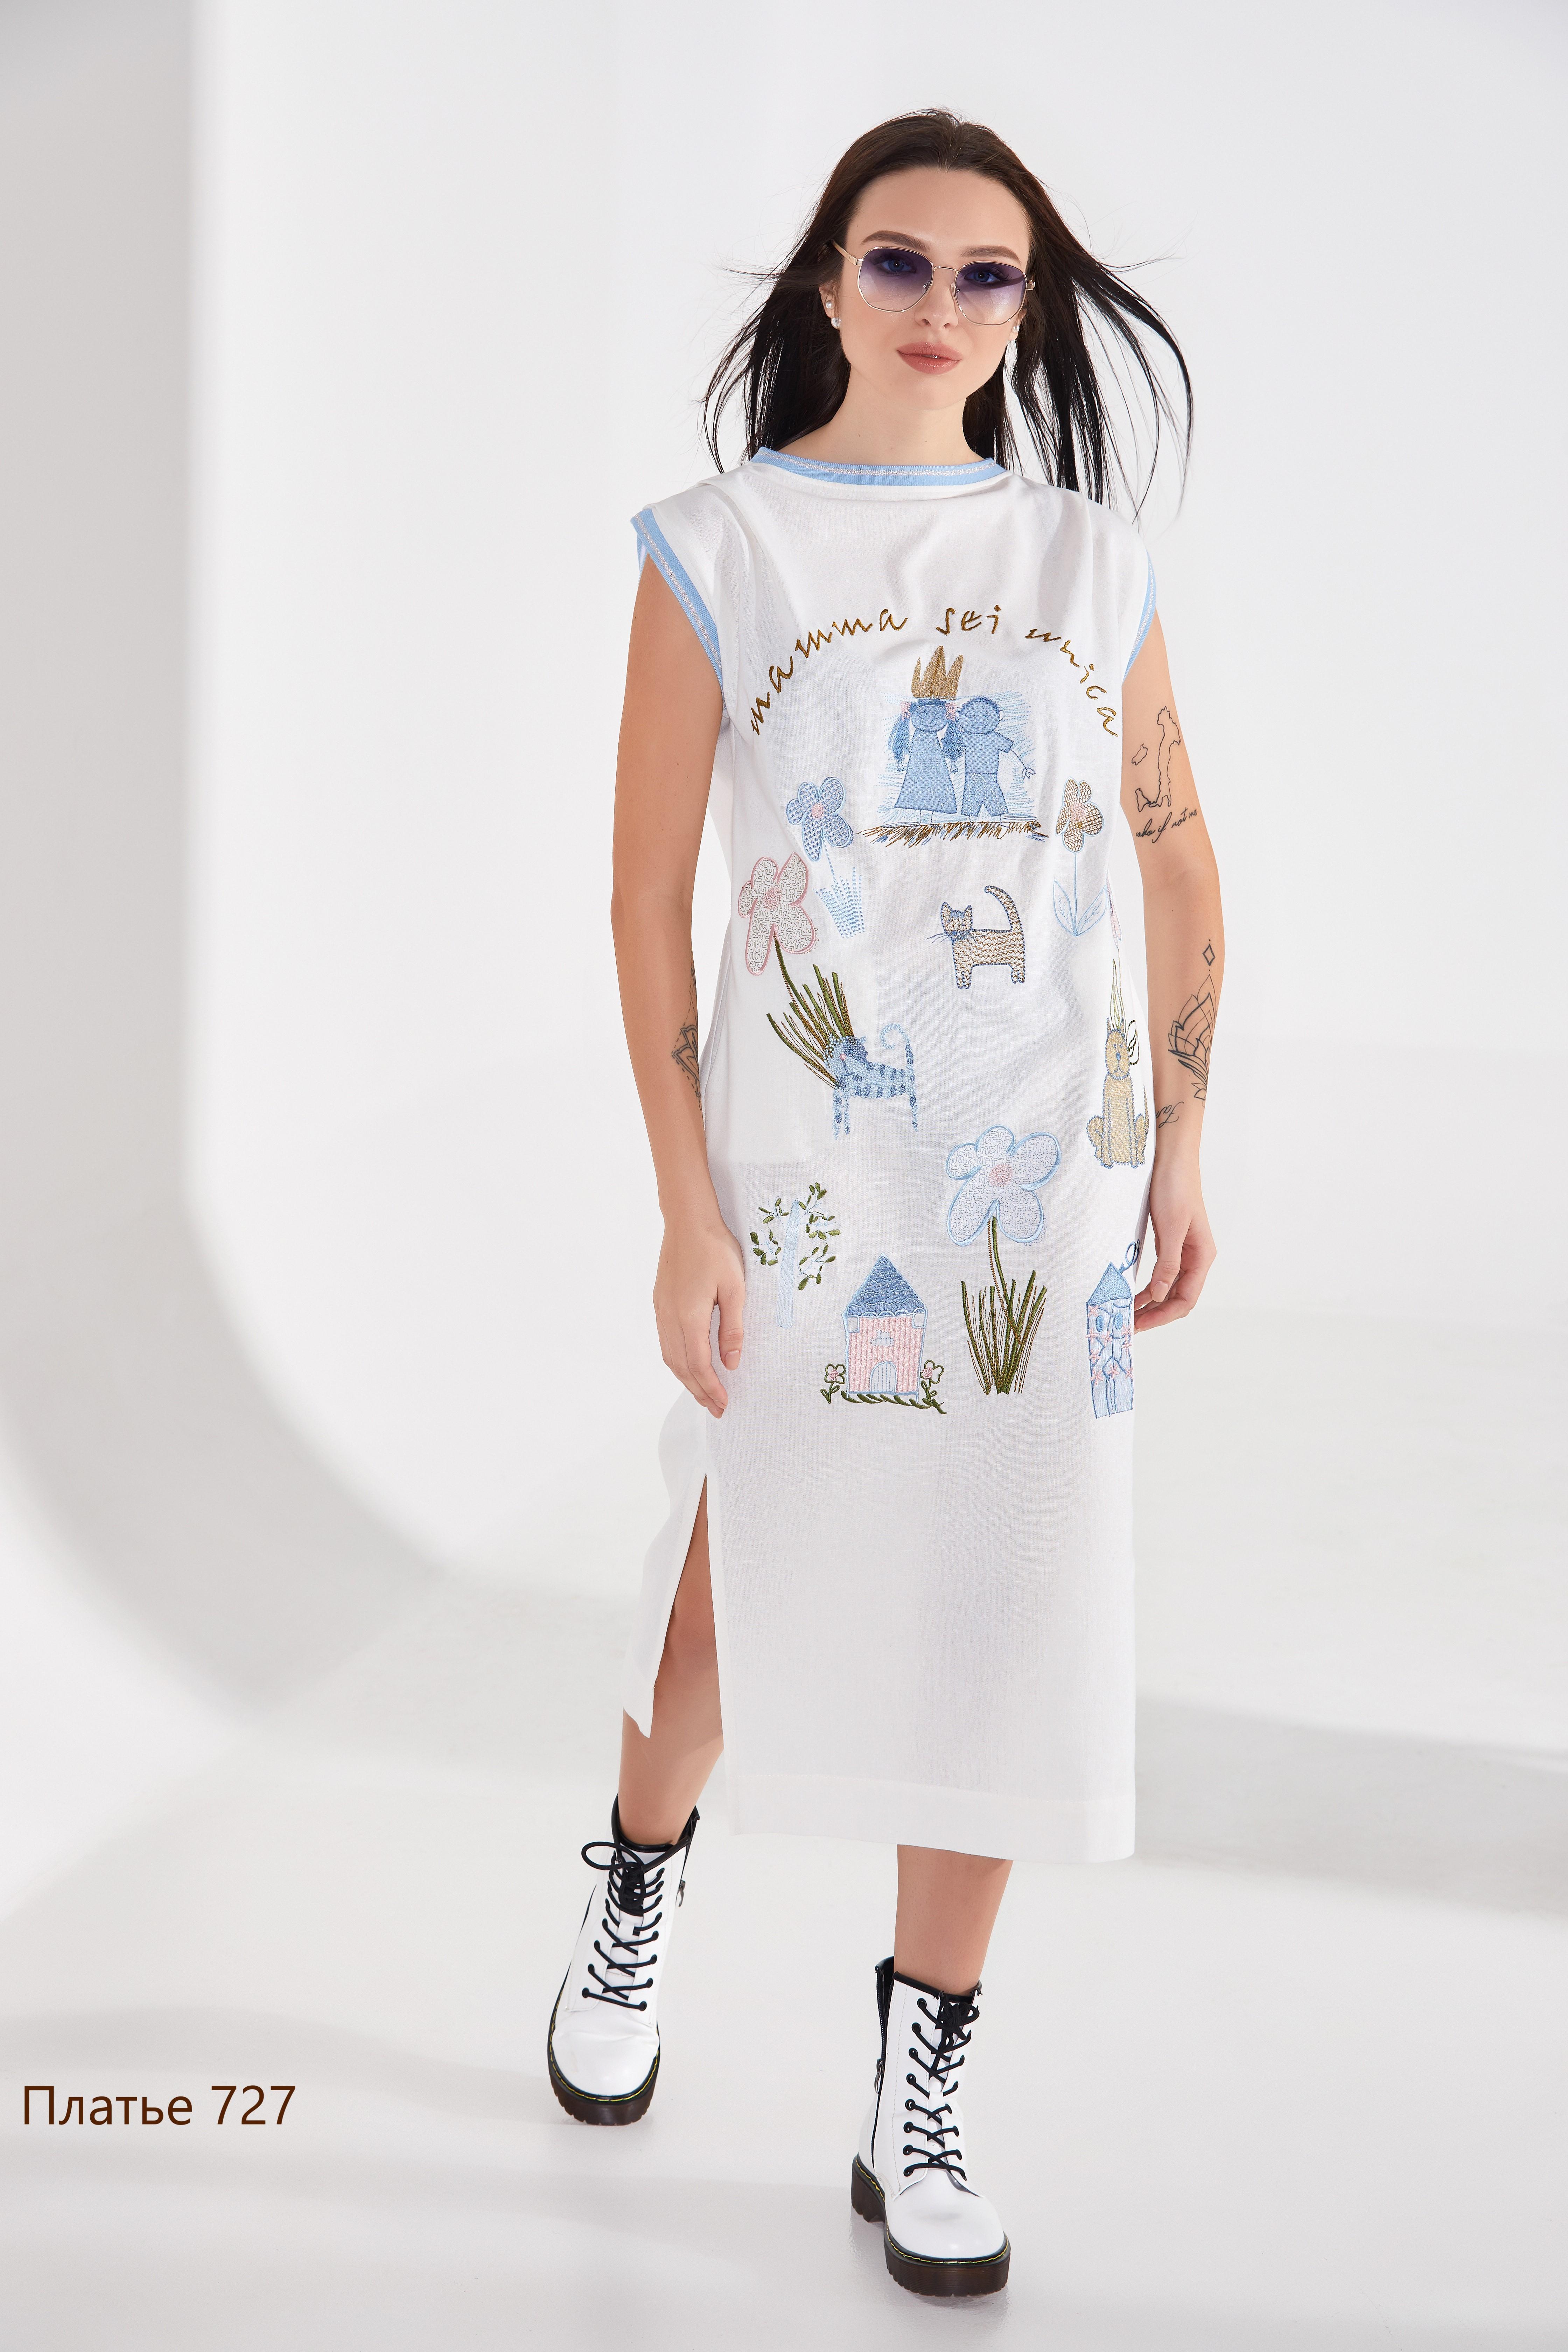 Платье 727 (2)